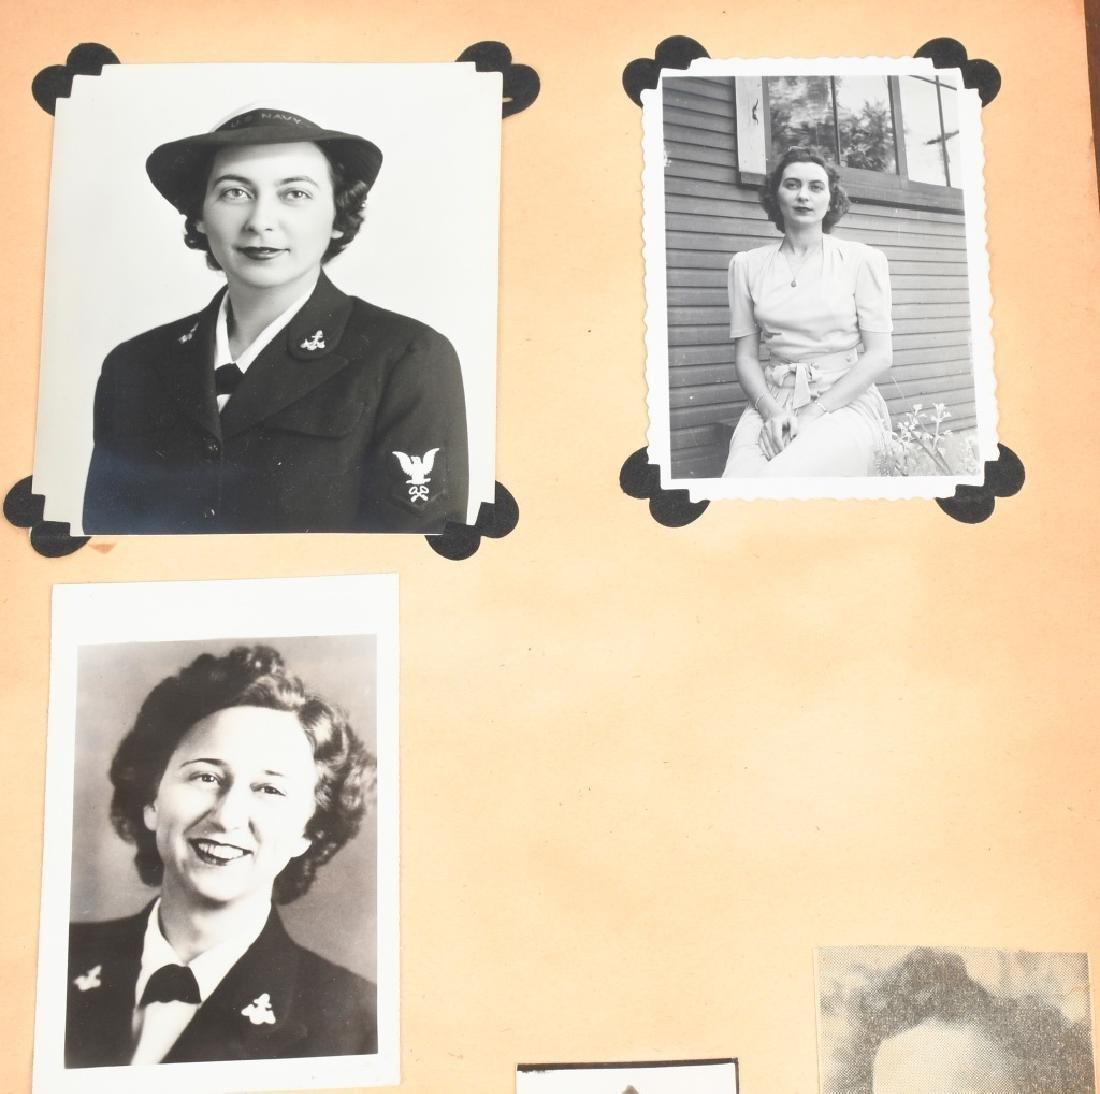 WWII U.S. NAVY WAVE PHOTO ALBUM - SCRAPBOOK - 3